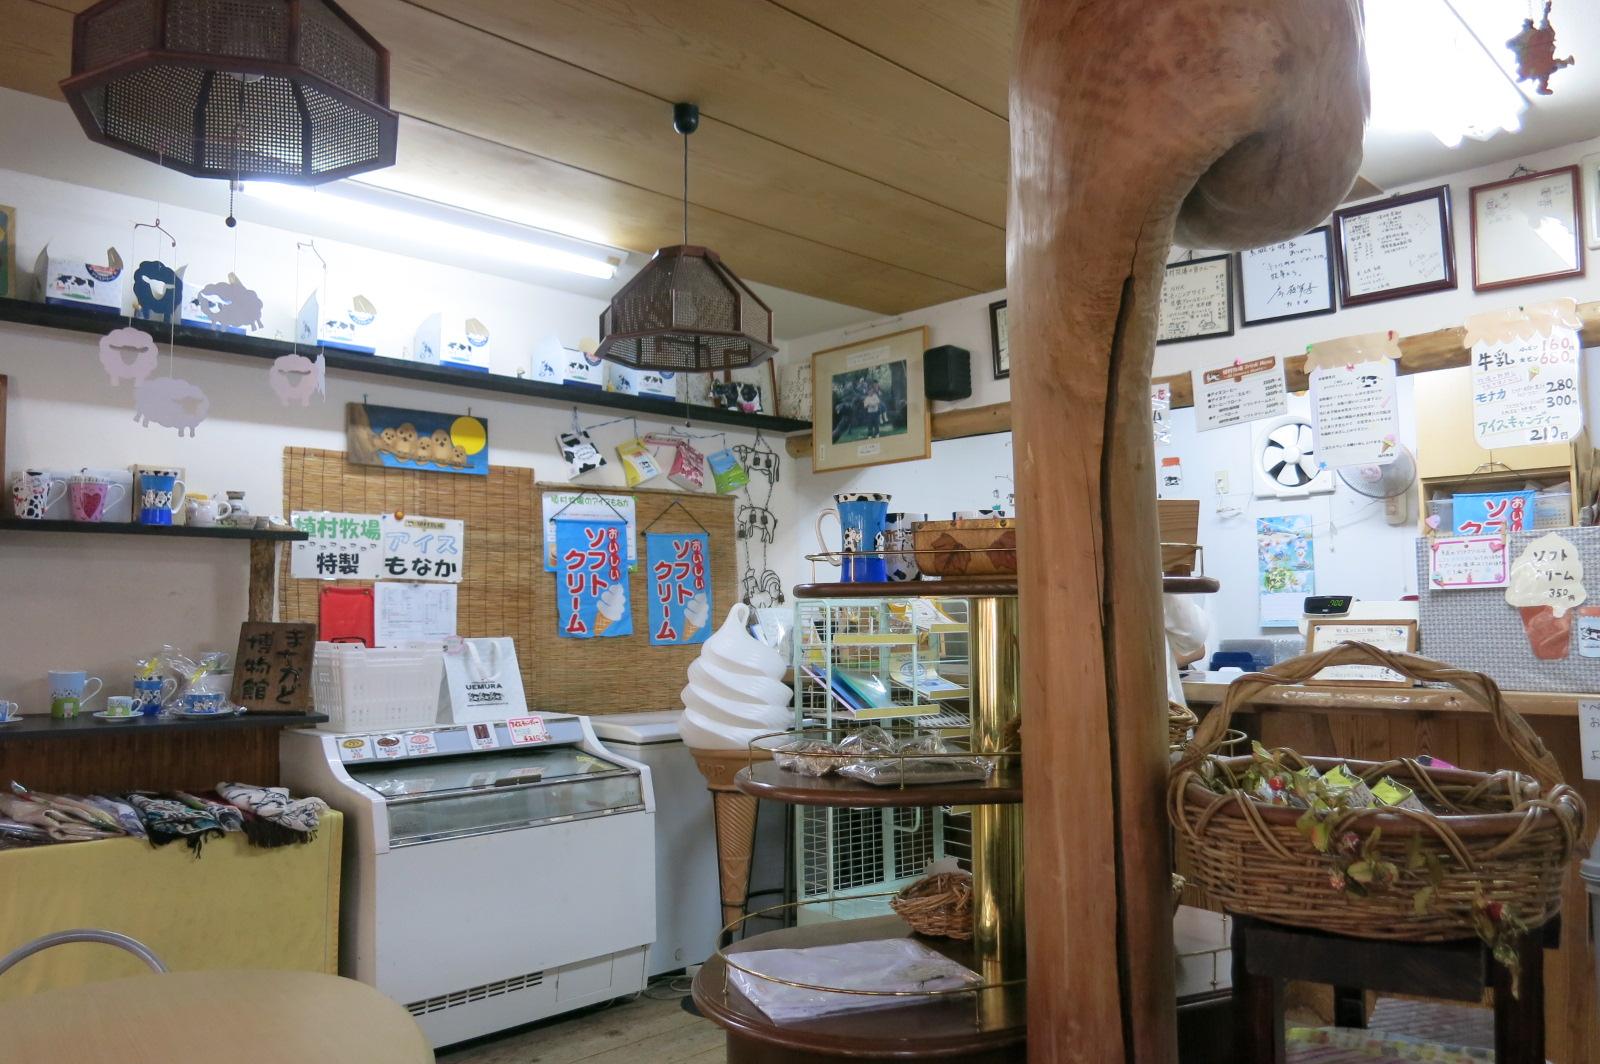 店内もこじんまりとしていましたが、雑貨なども販売されていました。店内のベンチで食べることも出来ます。